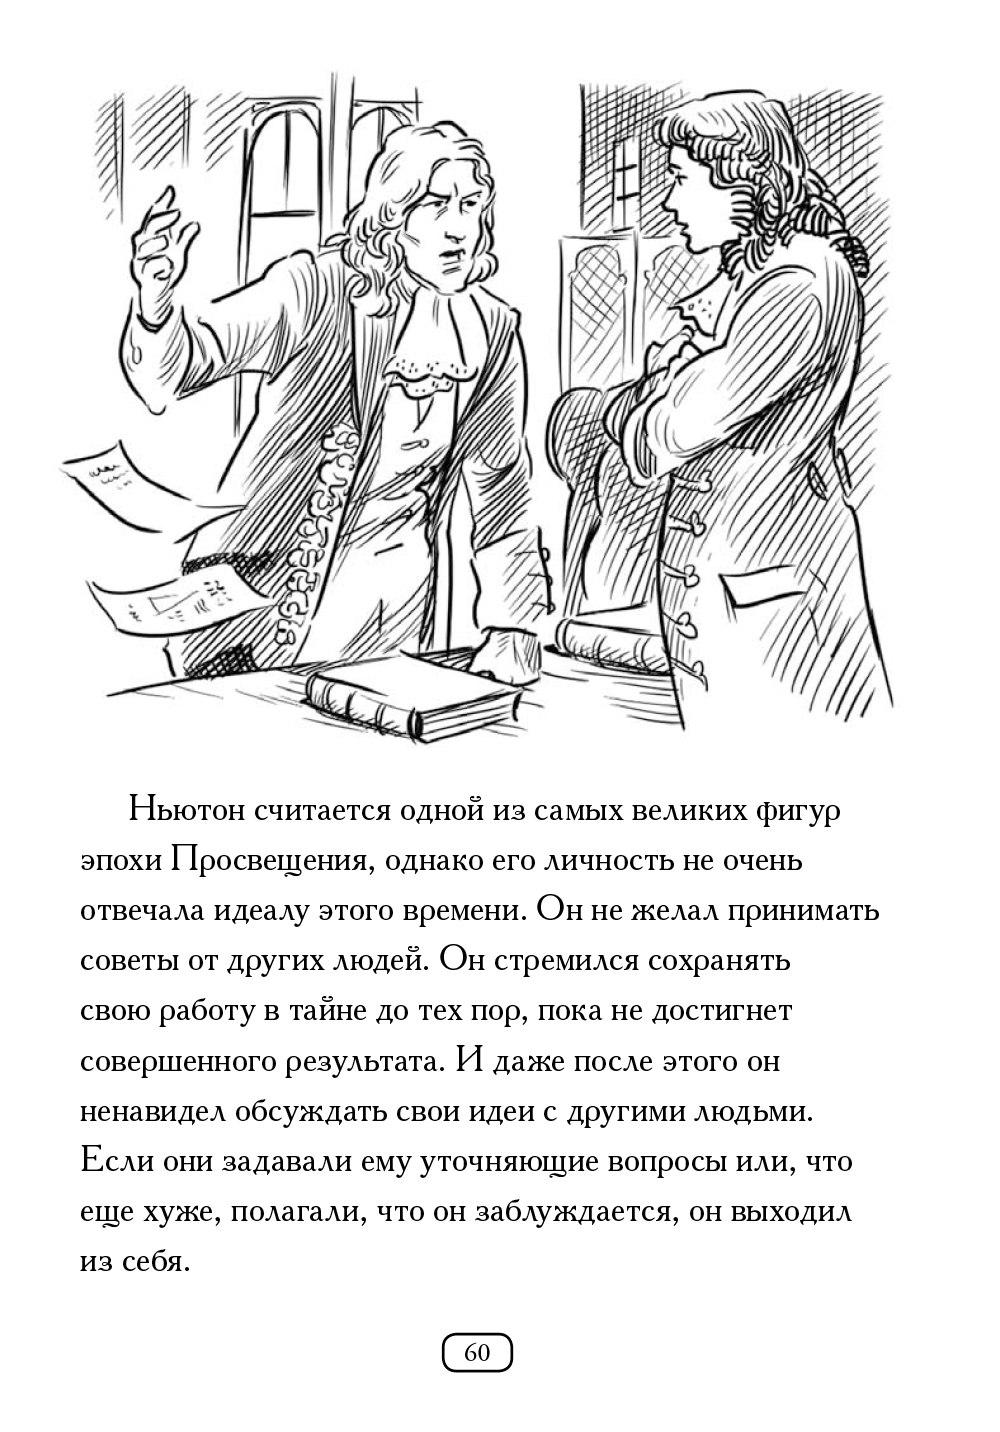 Исаак Ньютон иллюстрированная биография для детей